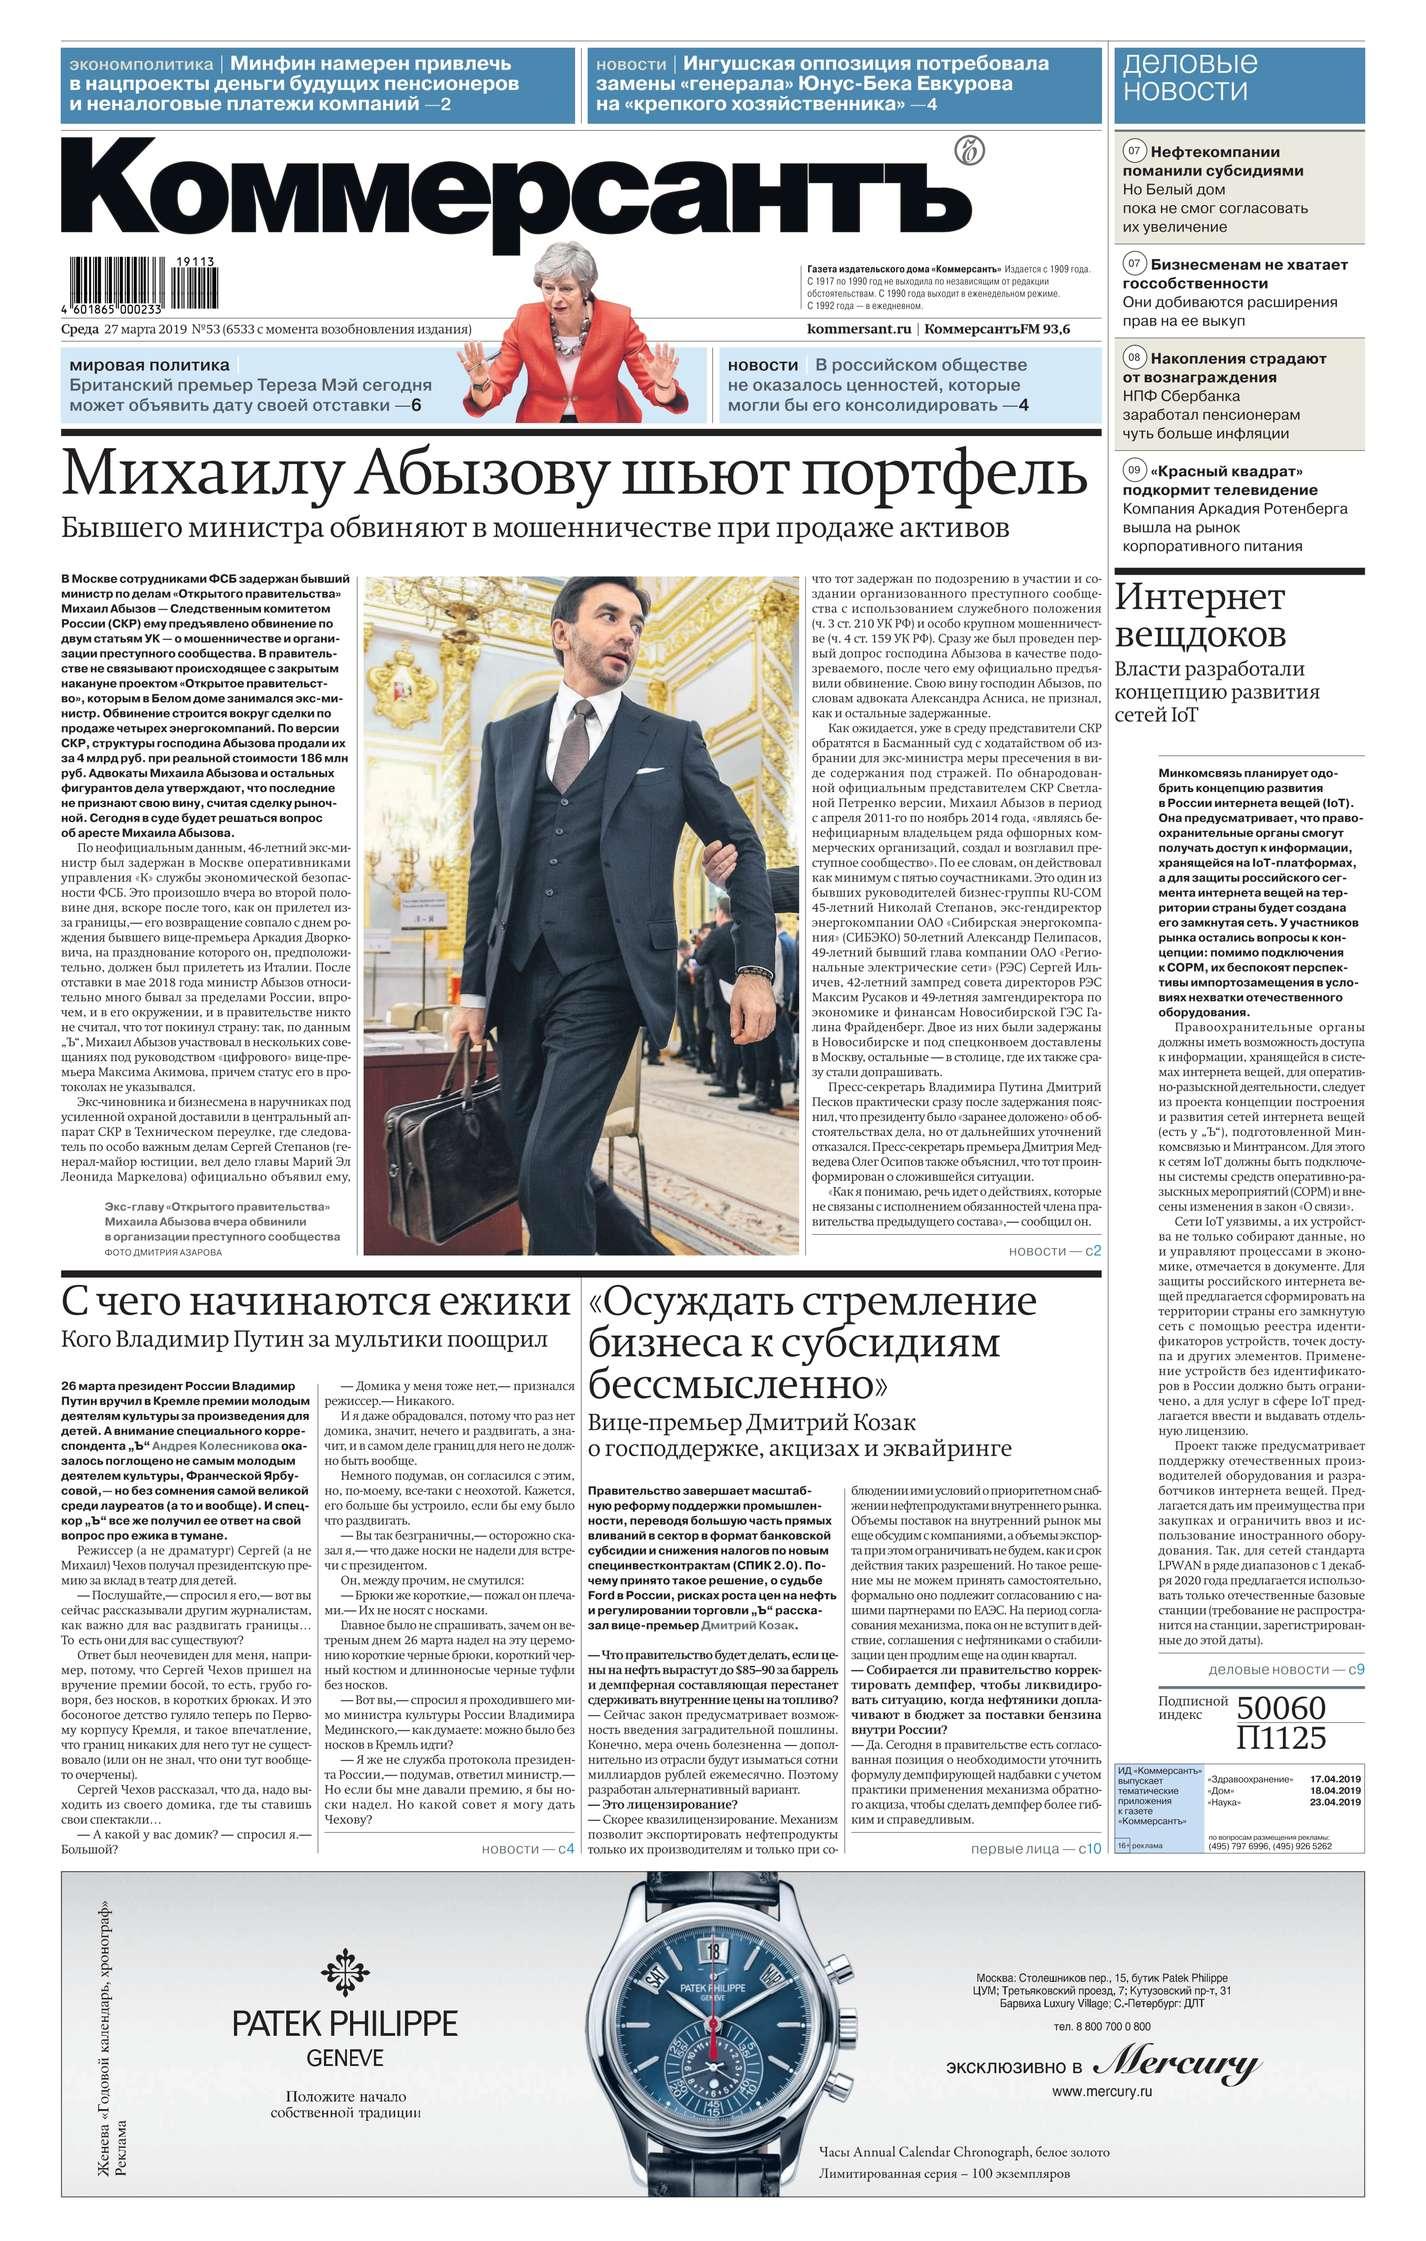 цена на Редакция газеты Коммерсантъ (понедельник-пятница) Коммерсантъ (понедельник-пятница) 53-2019